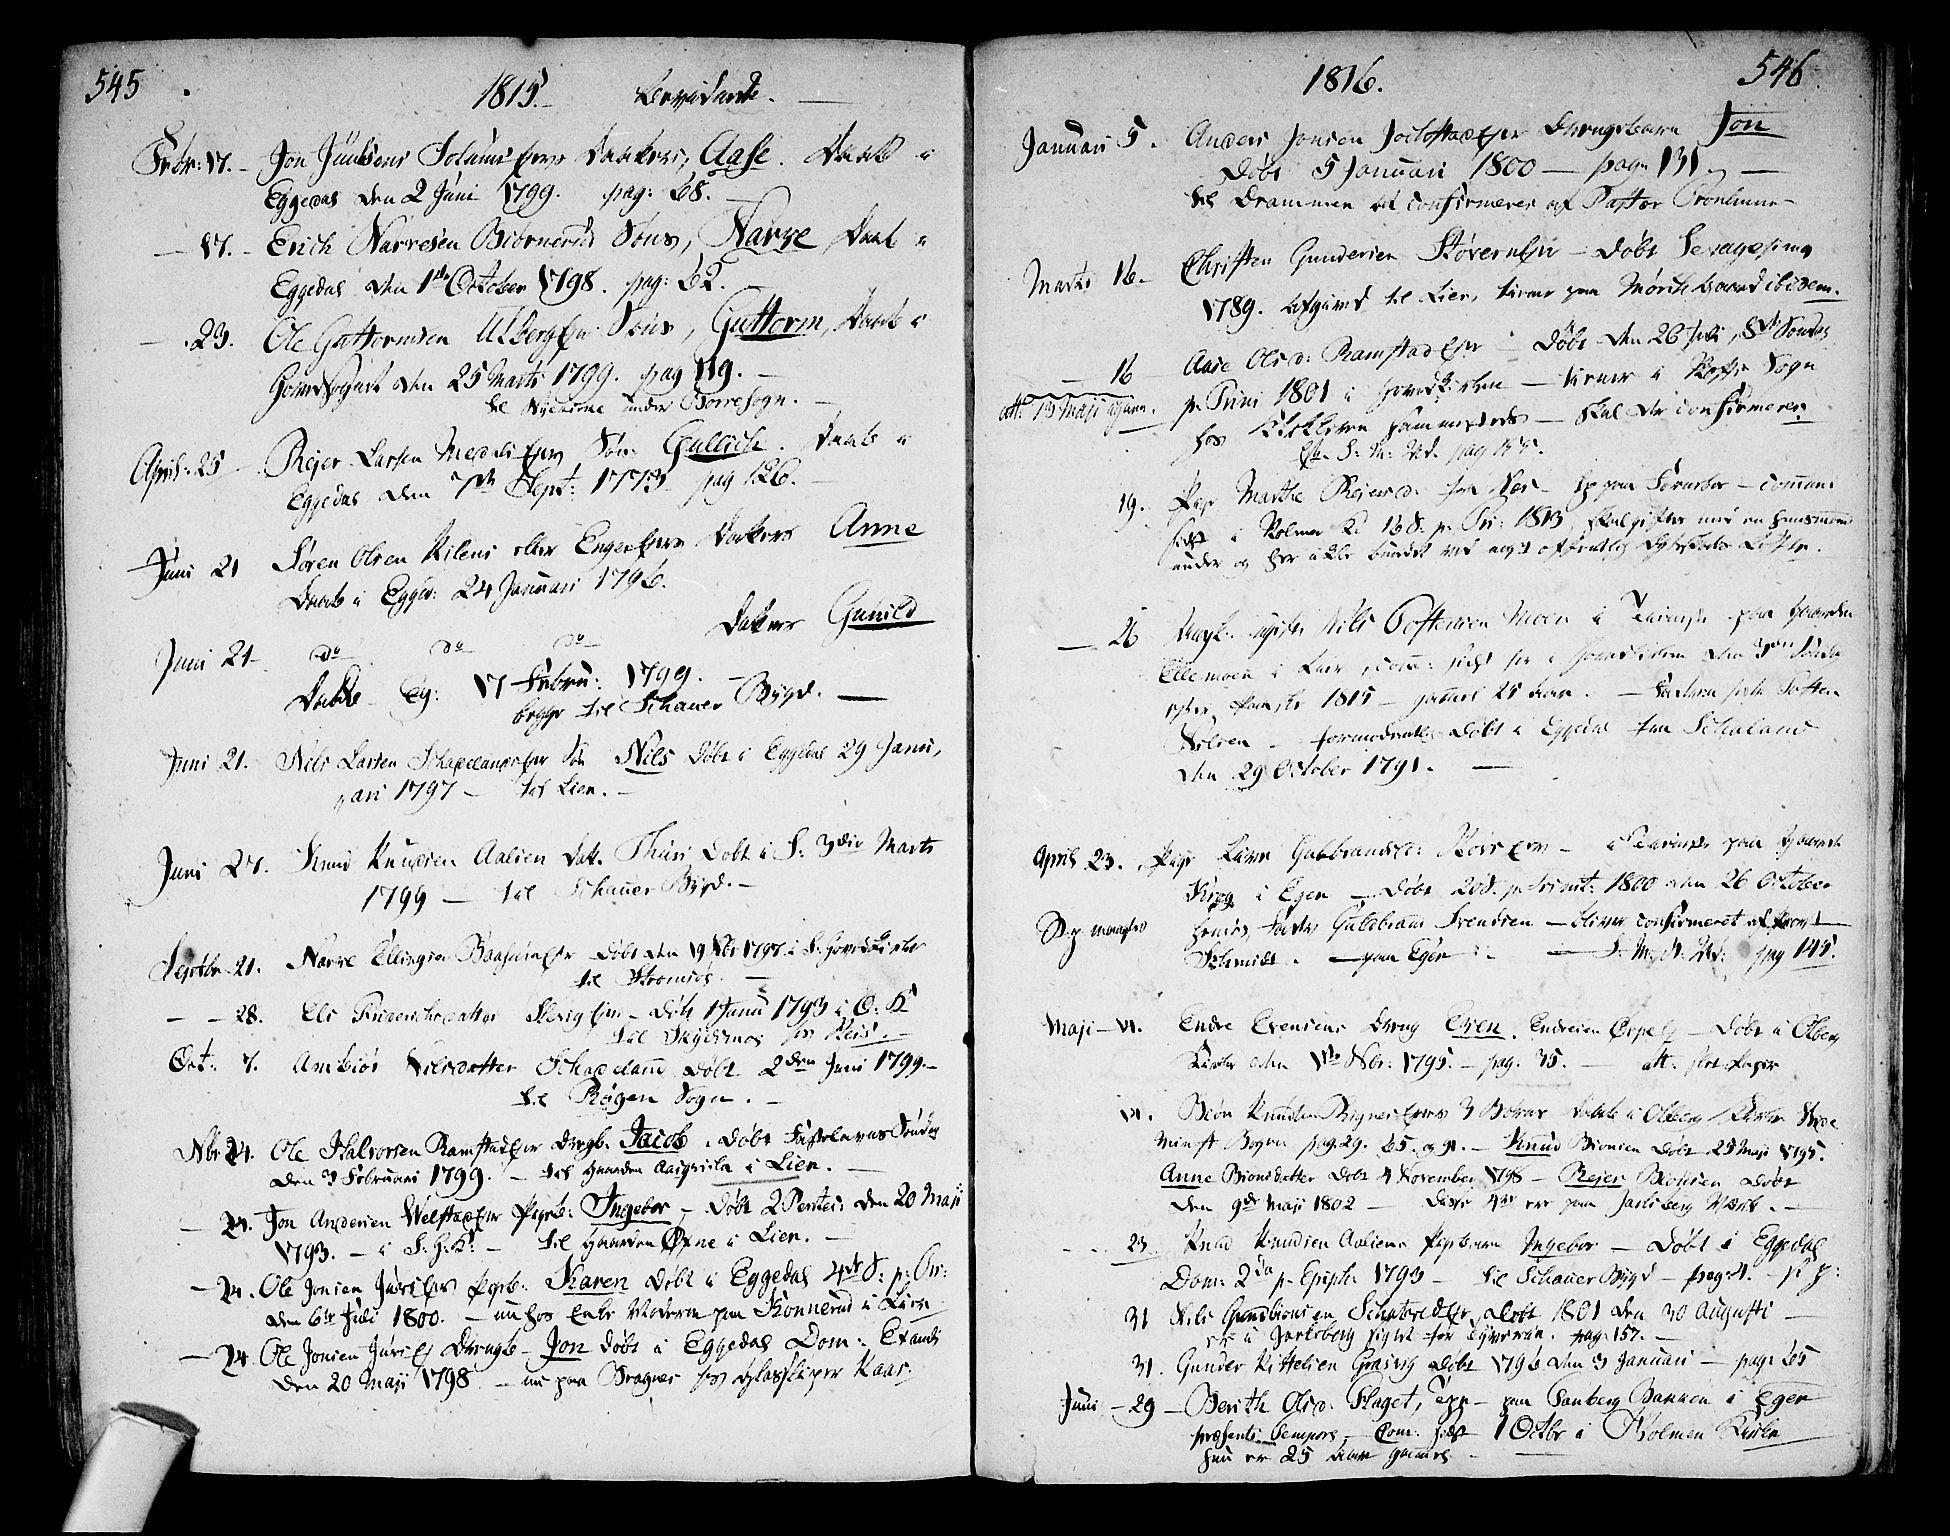 SAKO, Sigdal kirkebøker, F/Fa/L0003: Ministerialbok nr. I 3, 1793-1811, s. 545-546